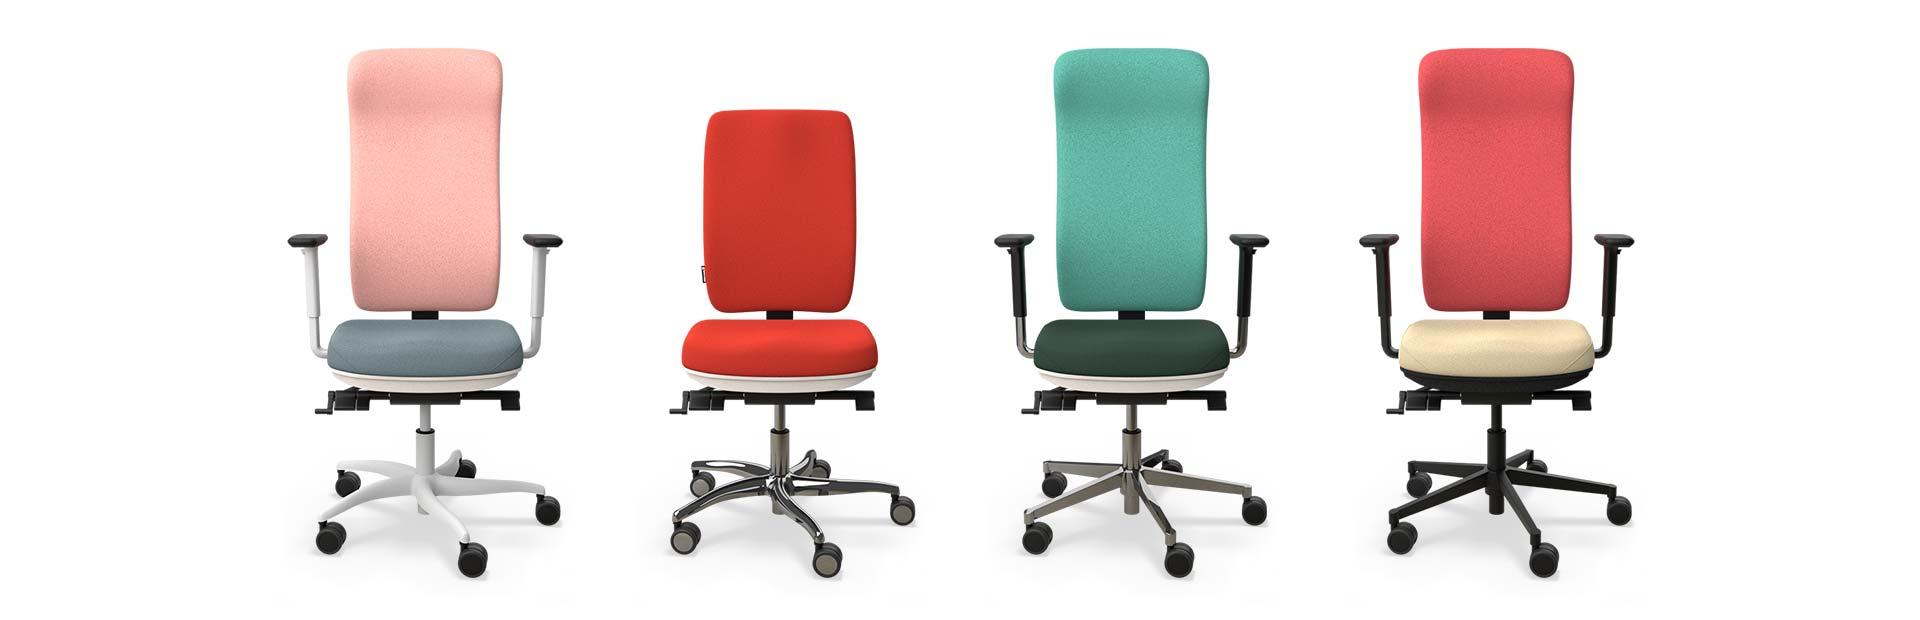 Individuelle Bürostühle für das Arbeiten im Büro oder zu Hause